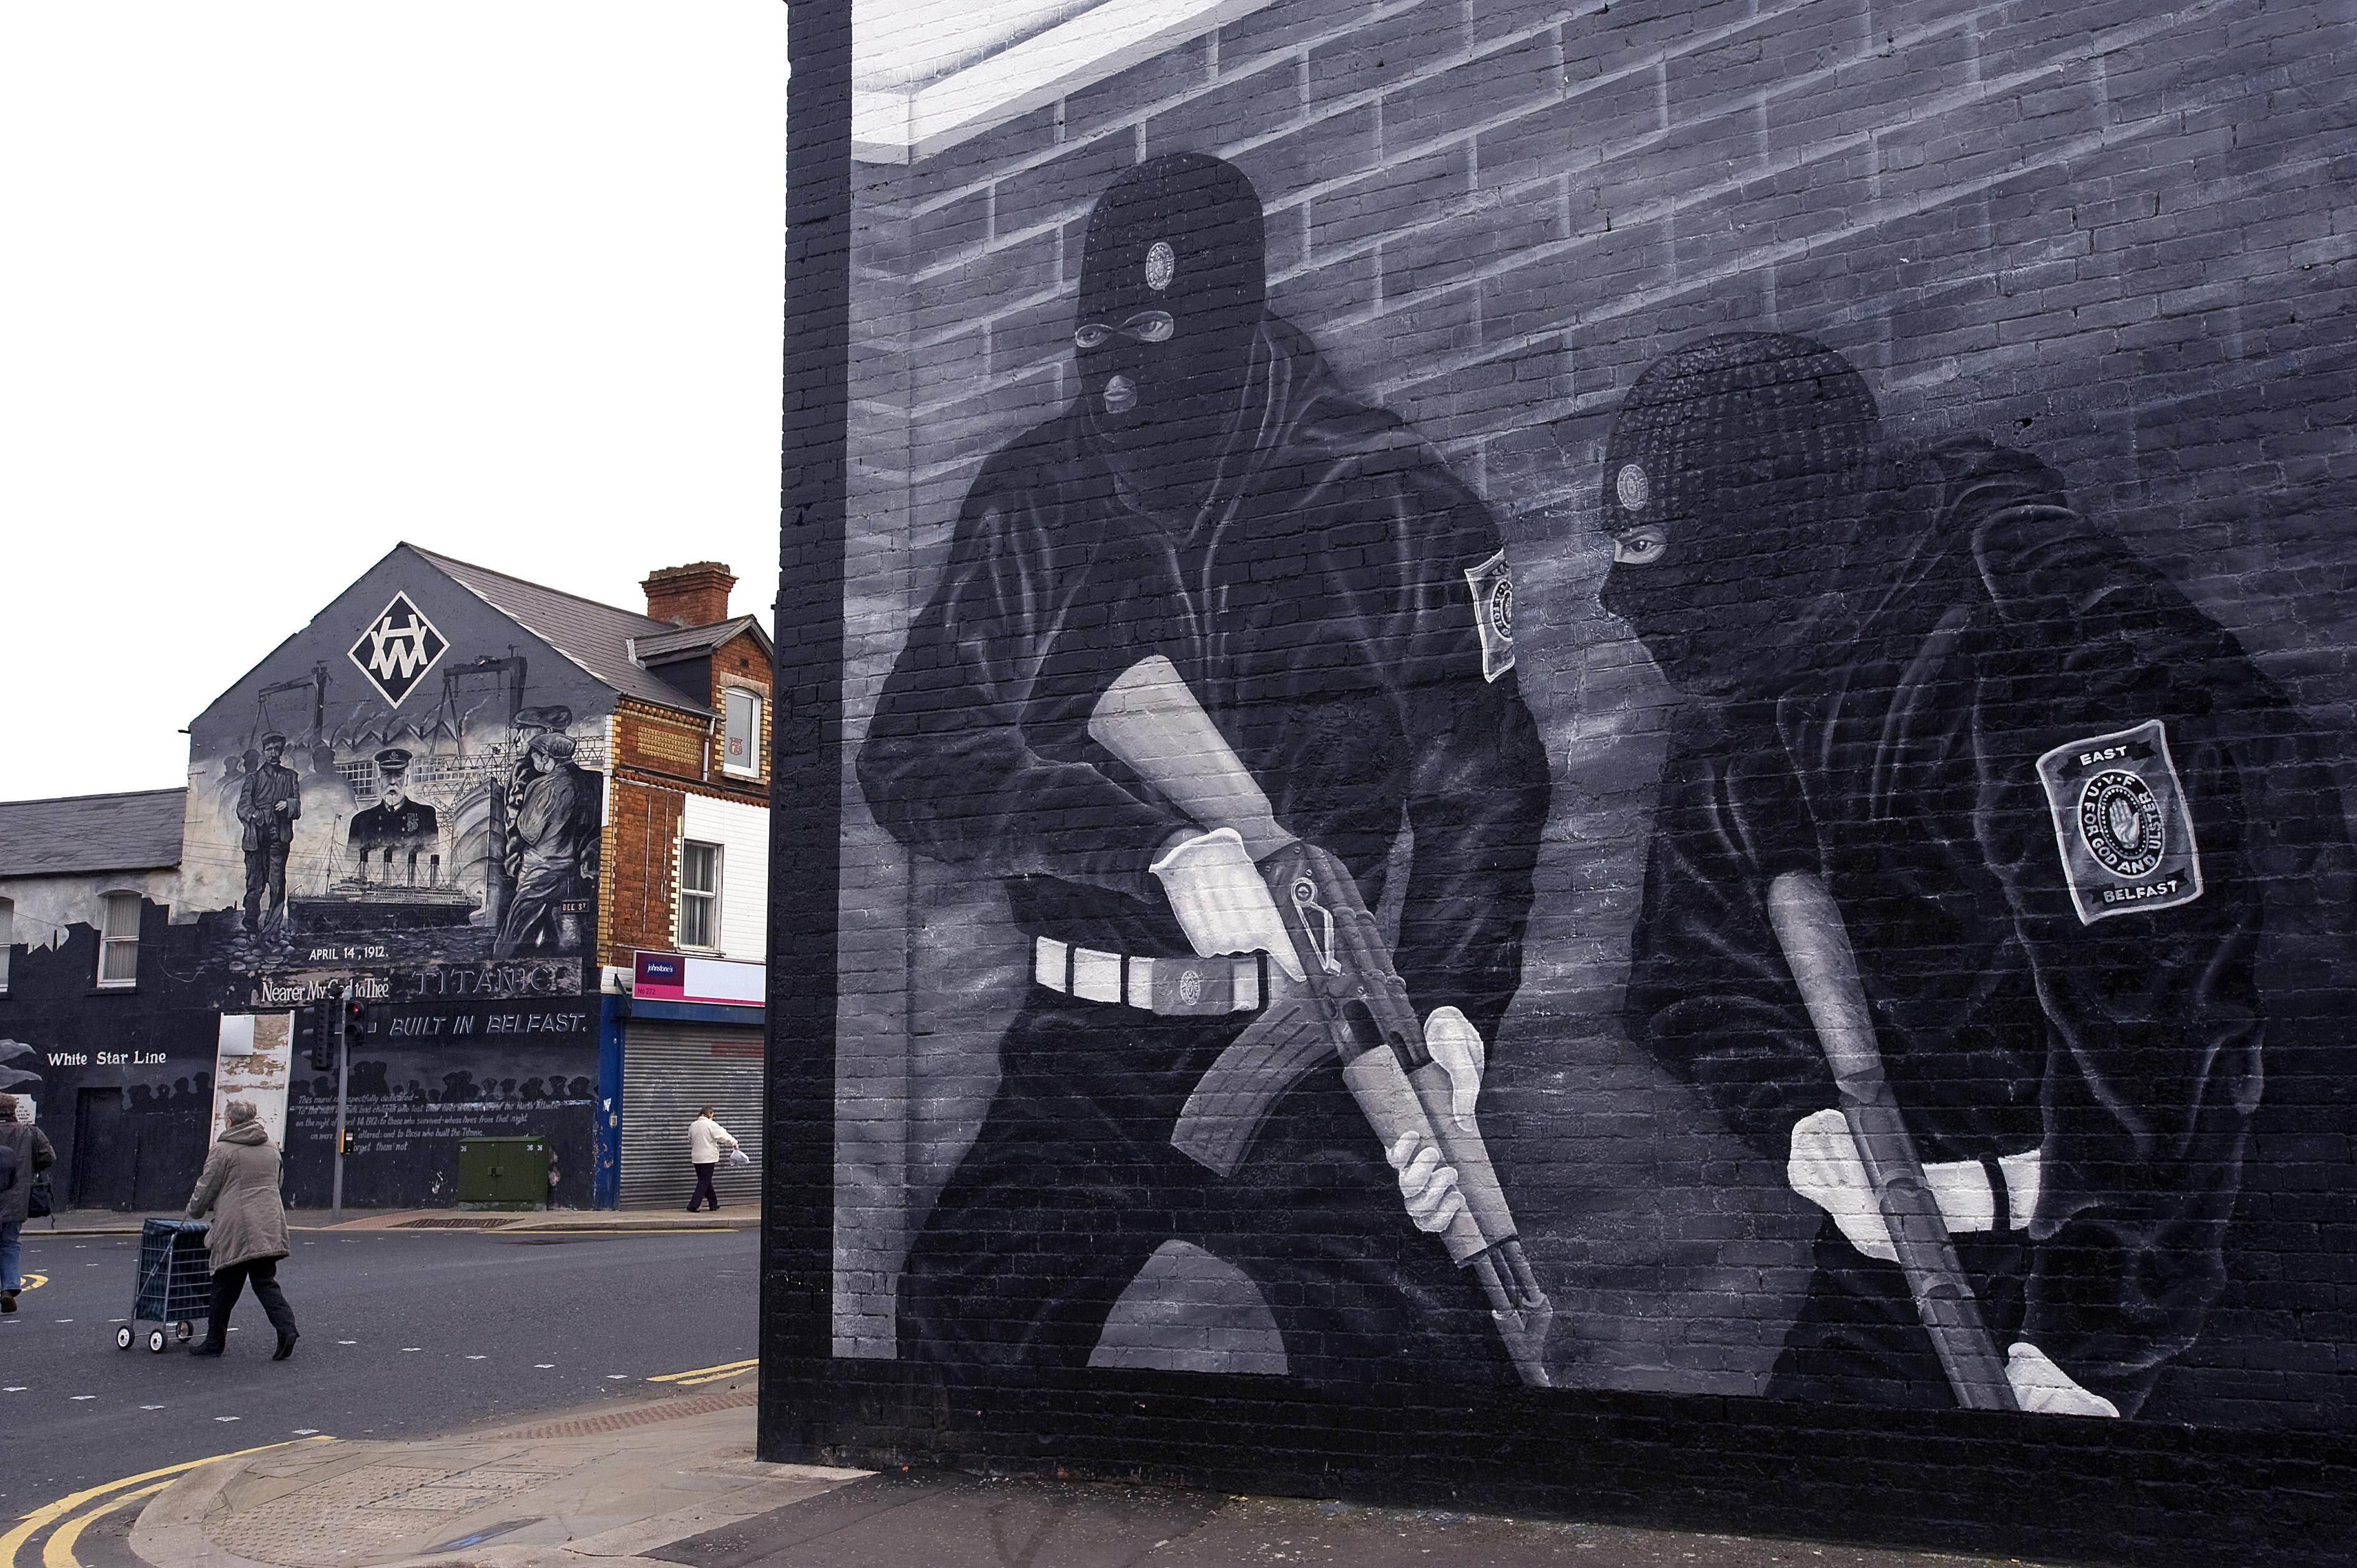 Észak-Írországban elfogtak egy 14 éves fiút, aki gépfegyvert akart venni a neten